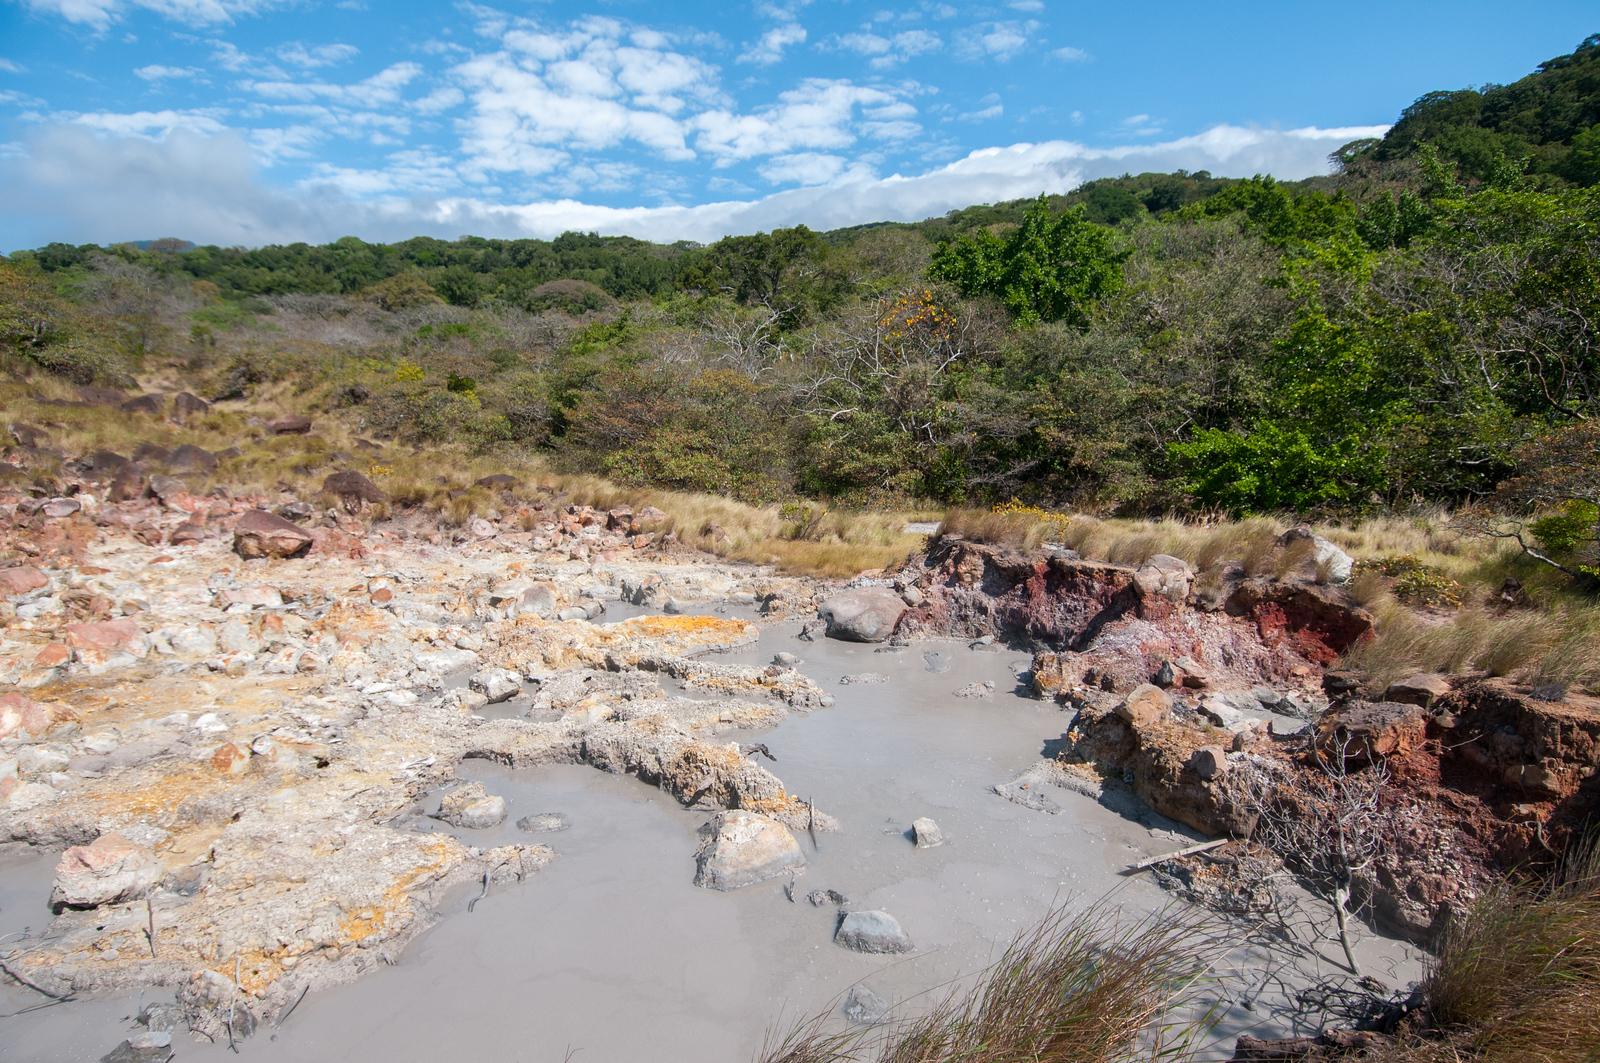 Area de Conservación Guanacaste UNESCO World Heritage Site